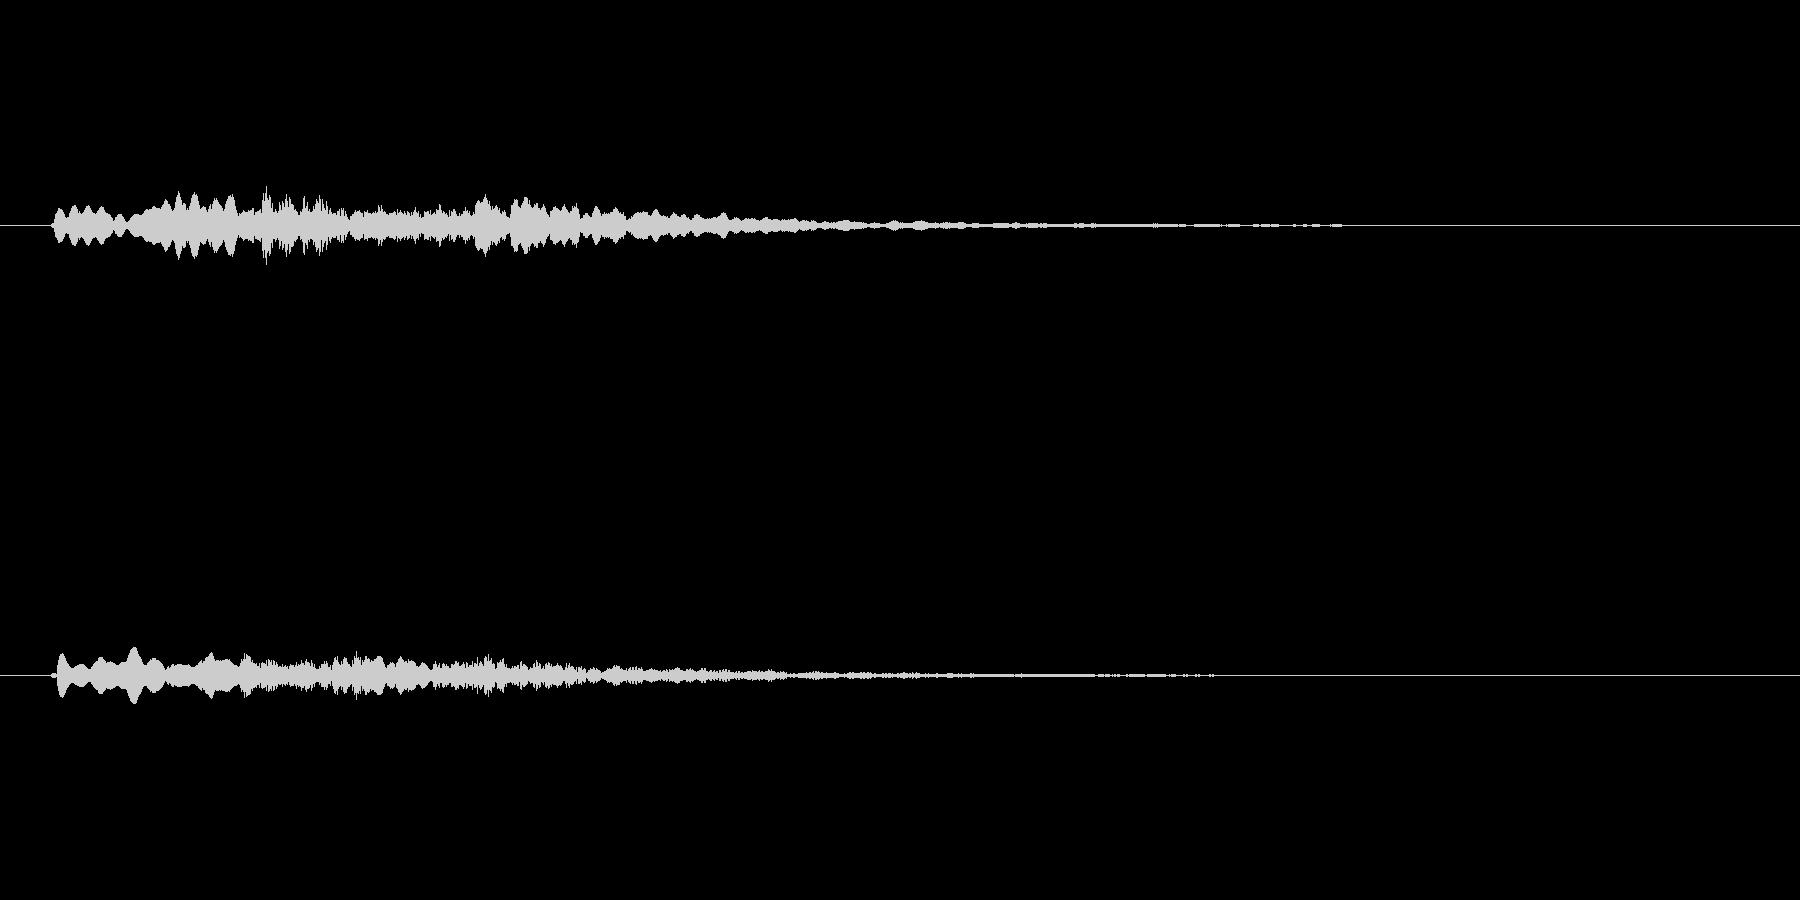 かわいいシンセのサウンドロゴ2の未再生の波形